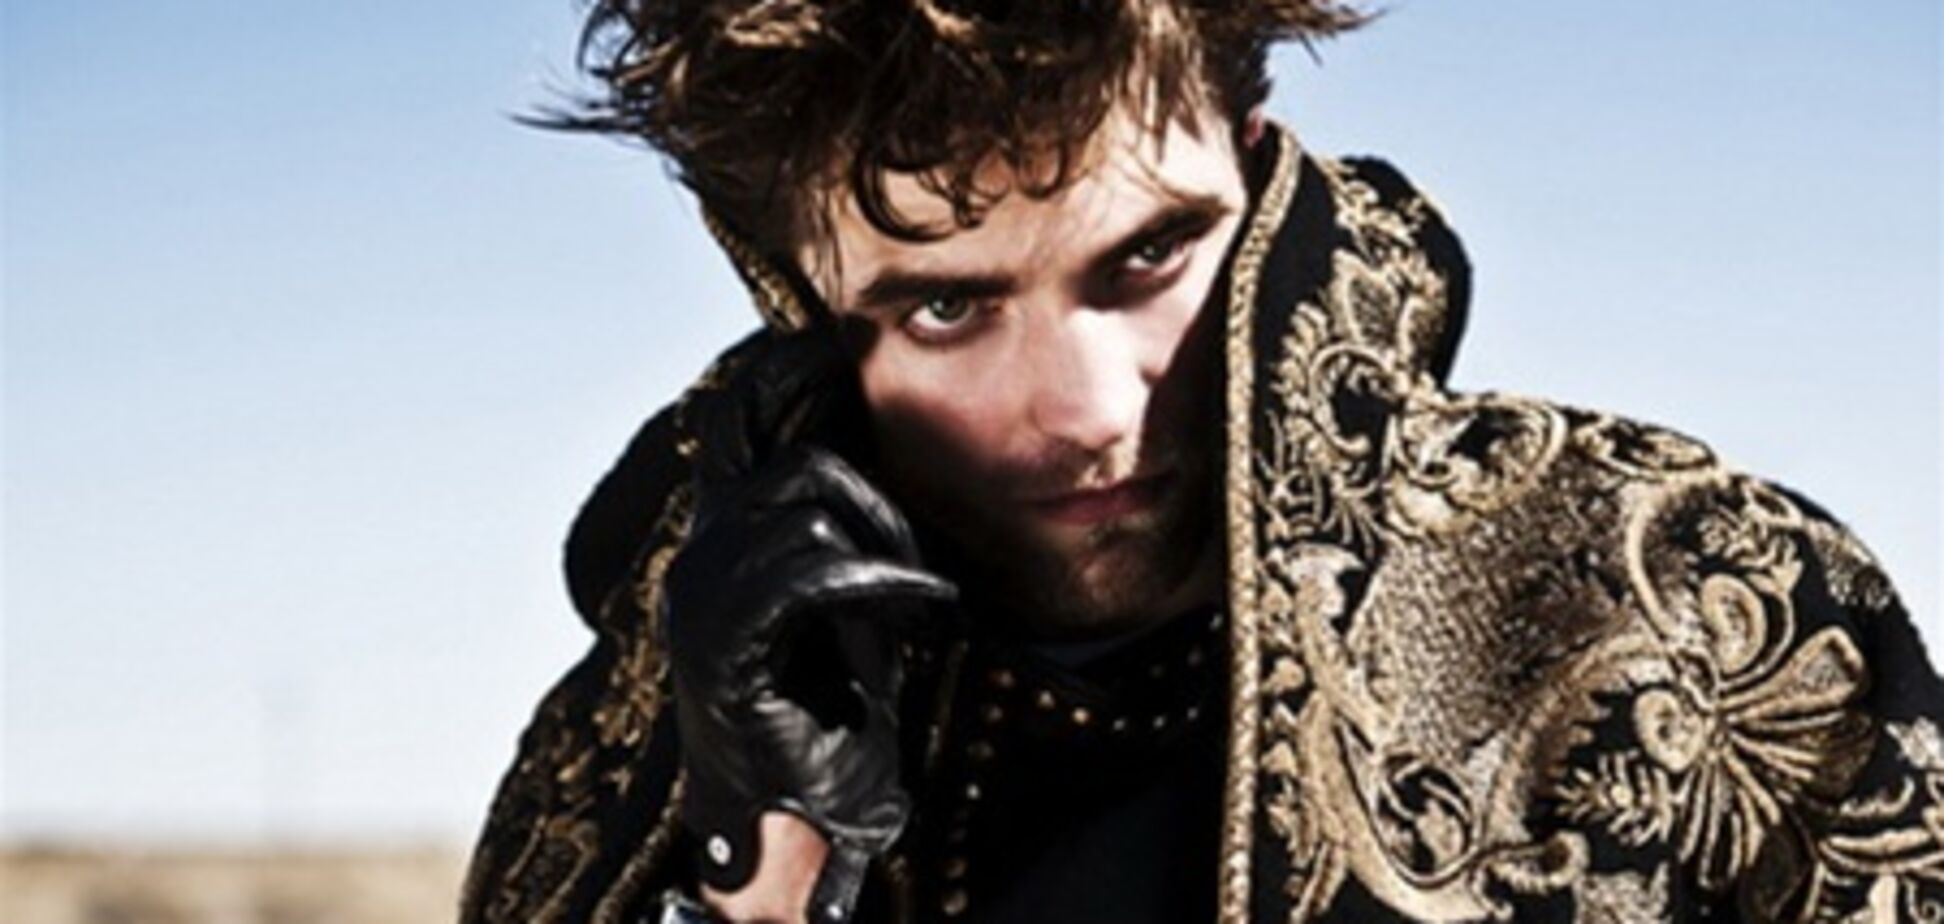 Паттинсон хочет в 'Интервью с вампиром' вместо 'Сумерек'